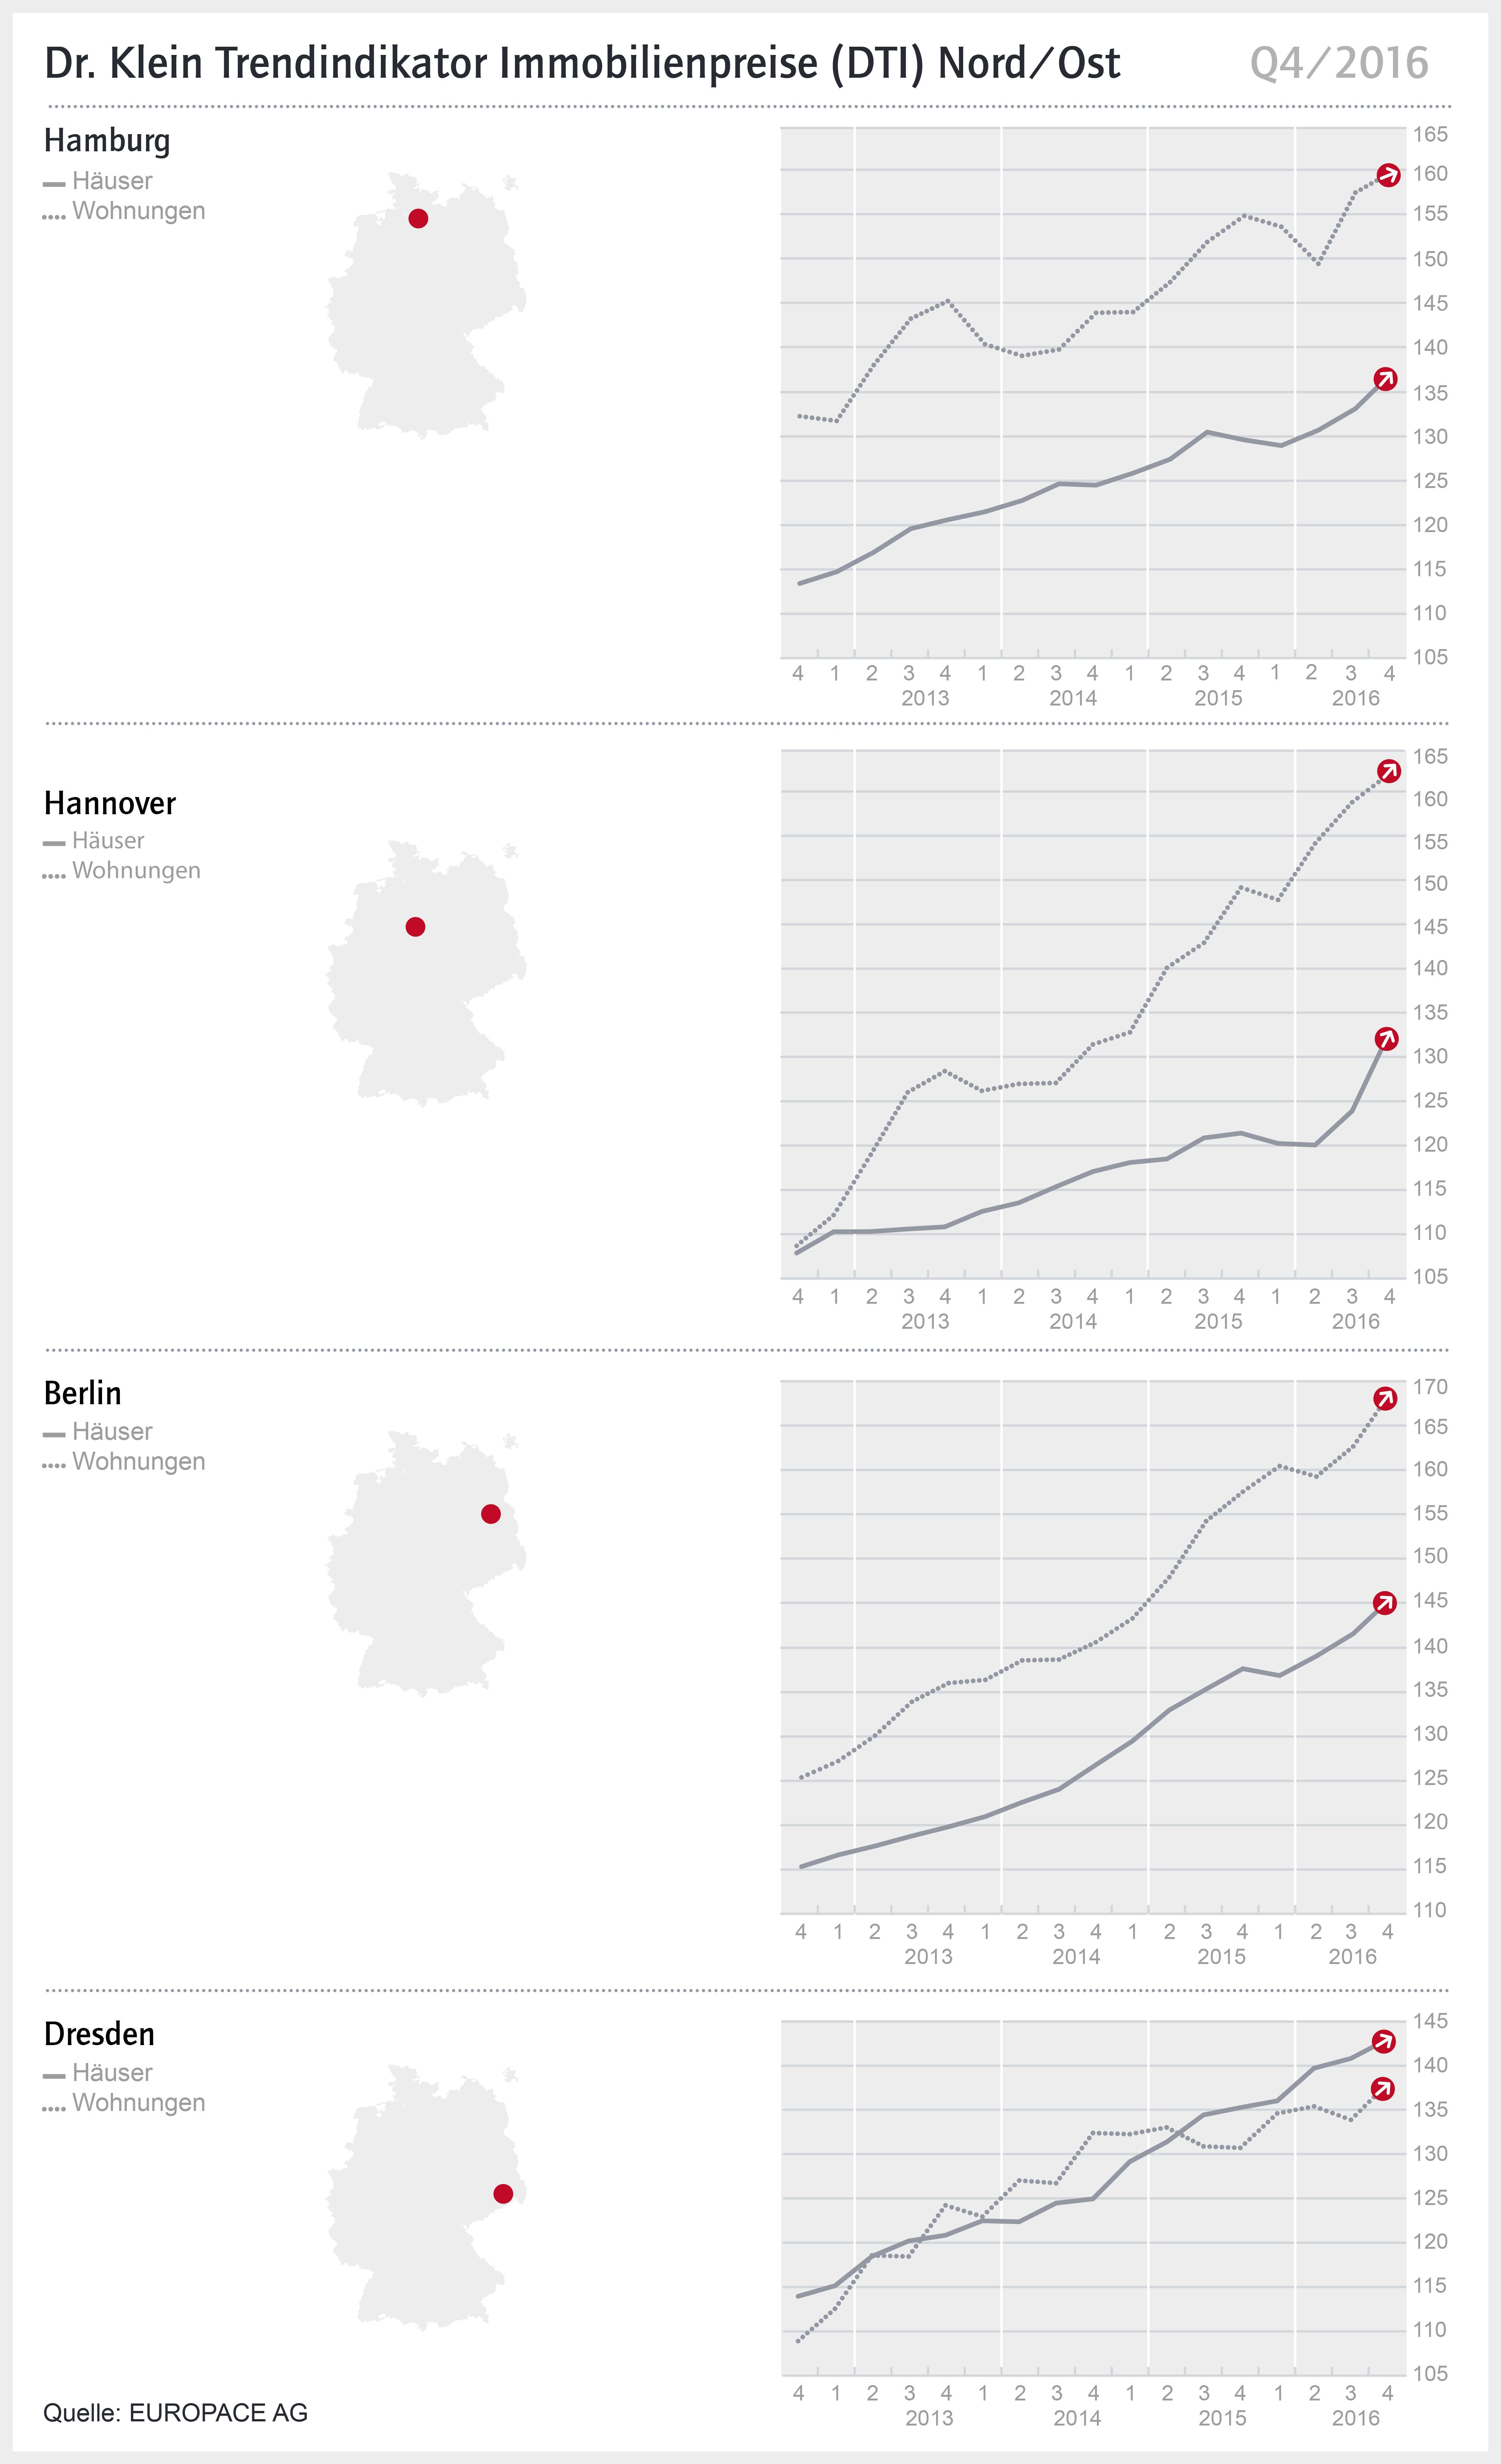 DTI Q4 2016 CS6 Nord Ost in DTI Nord/Ost: Berlin erreicht Preisgrenze